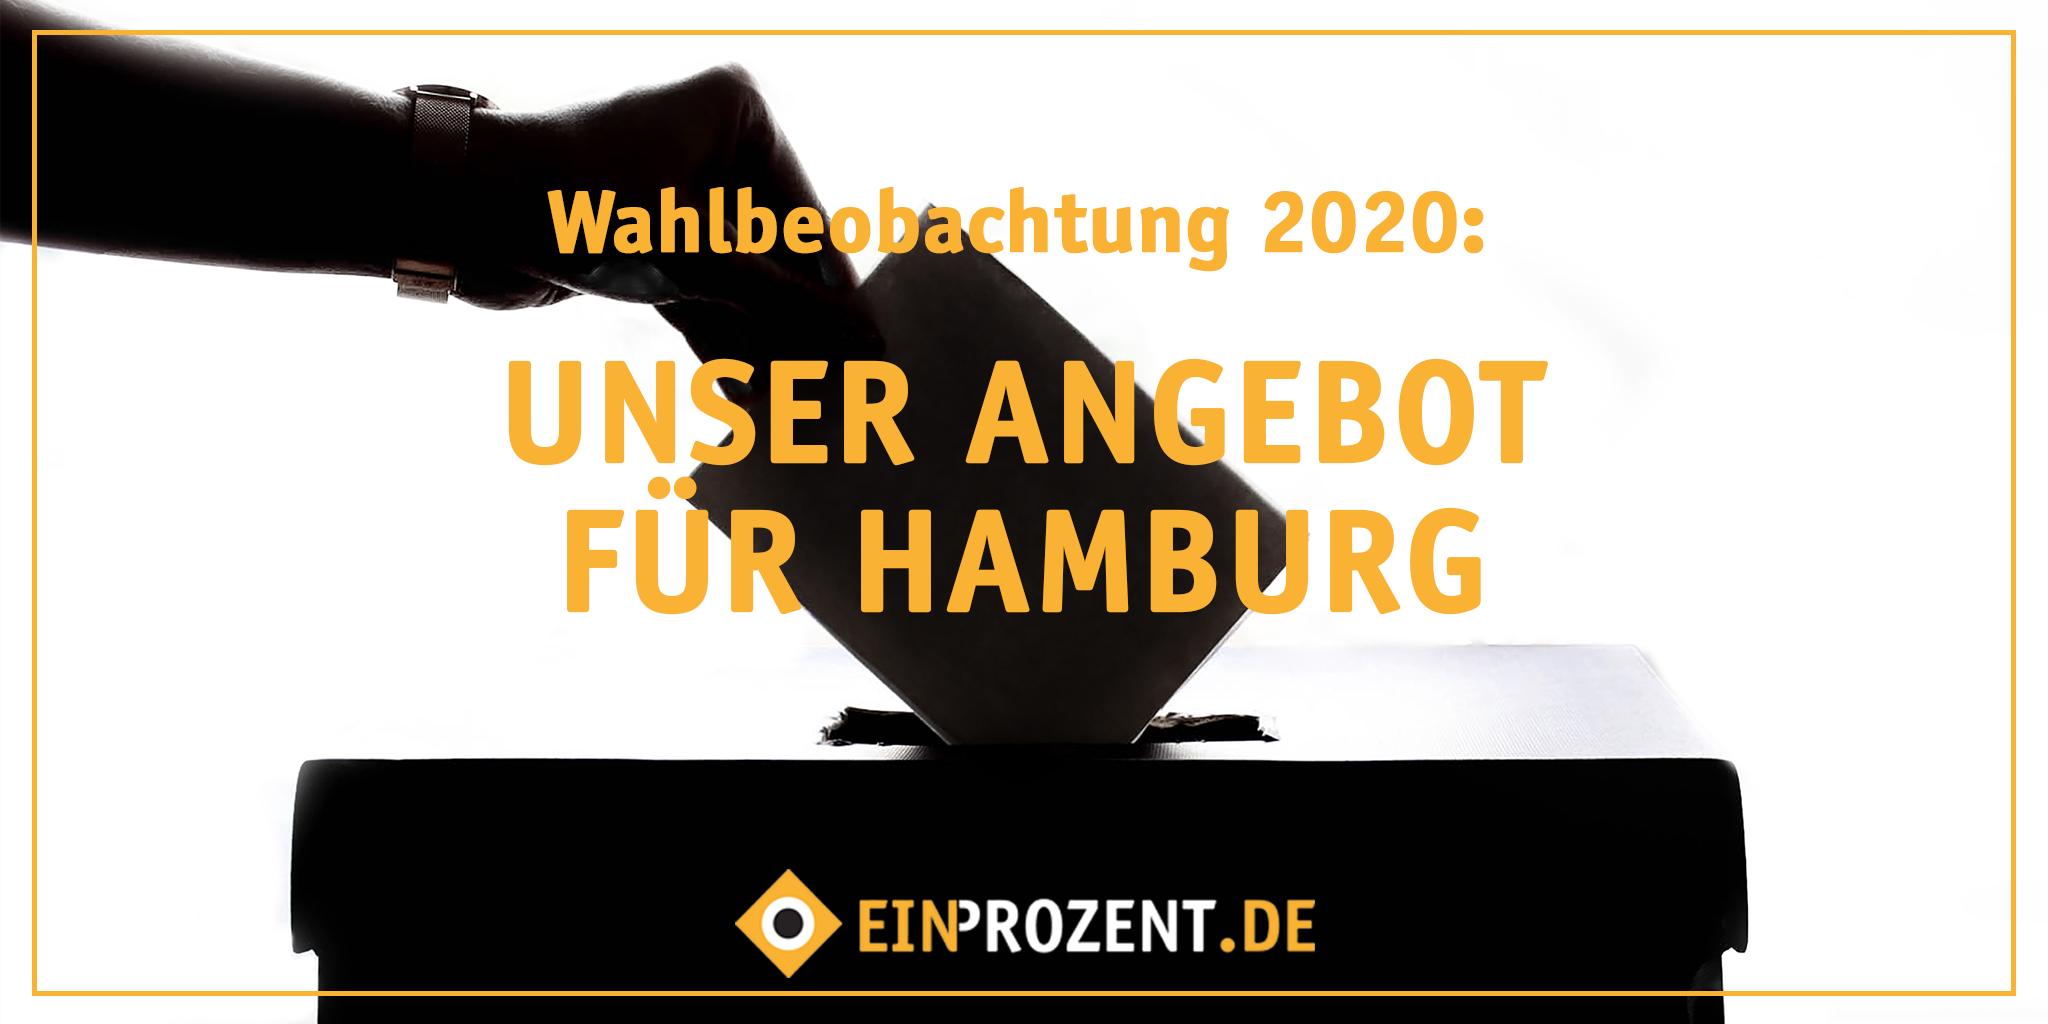 Wahlbeobachtung: Unser Angebot für Hamburg